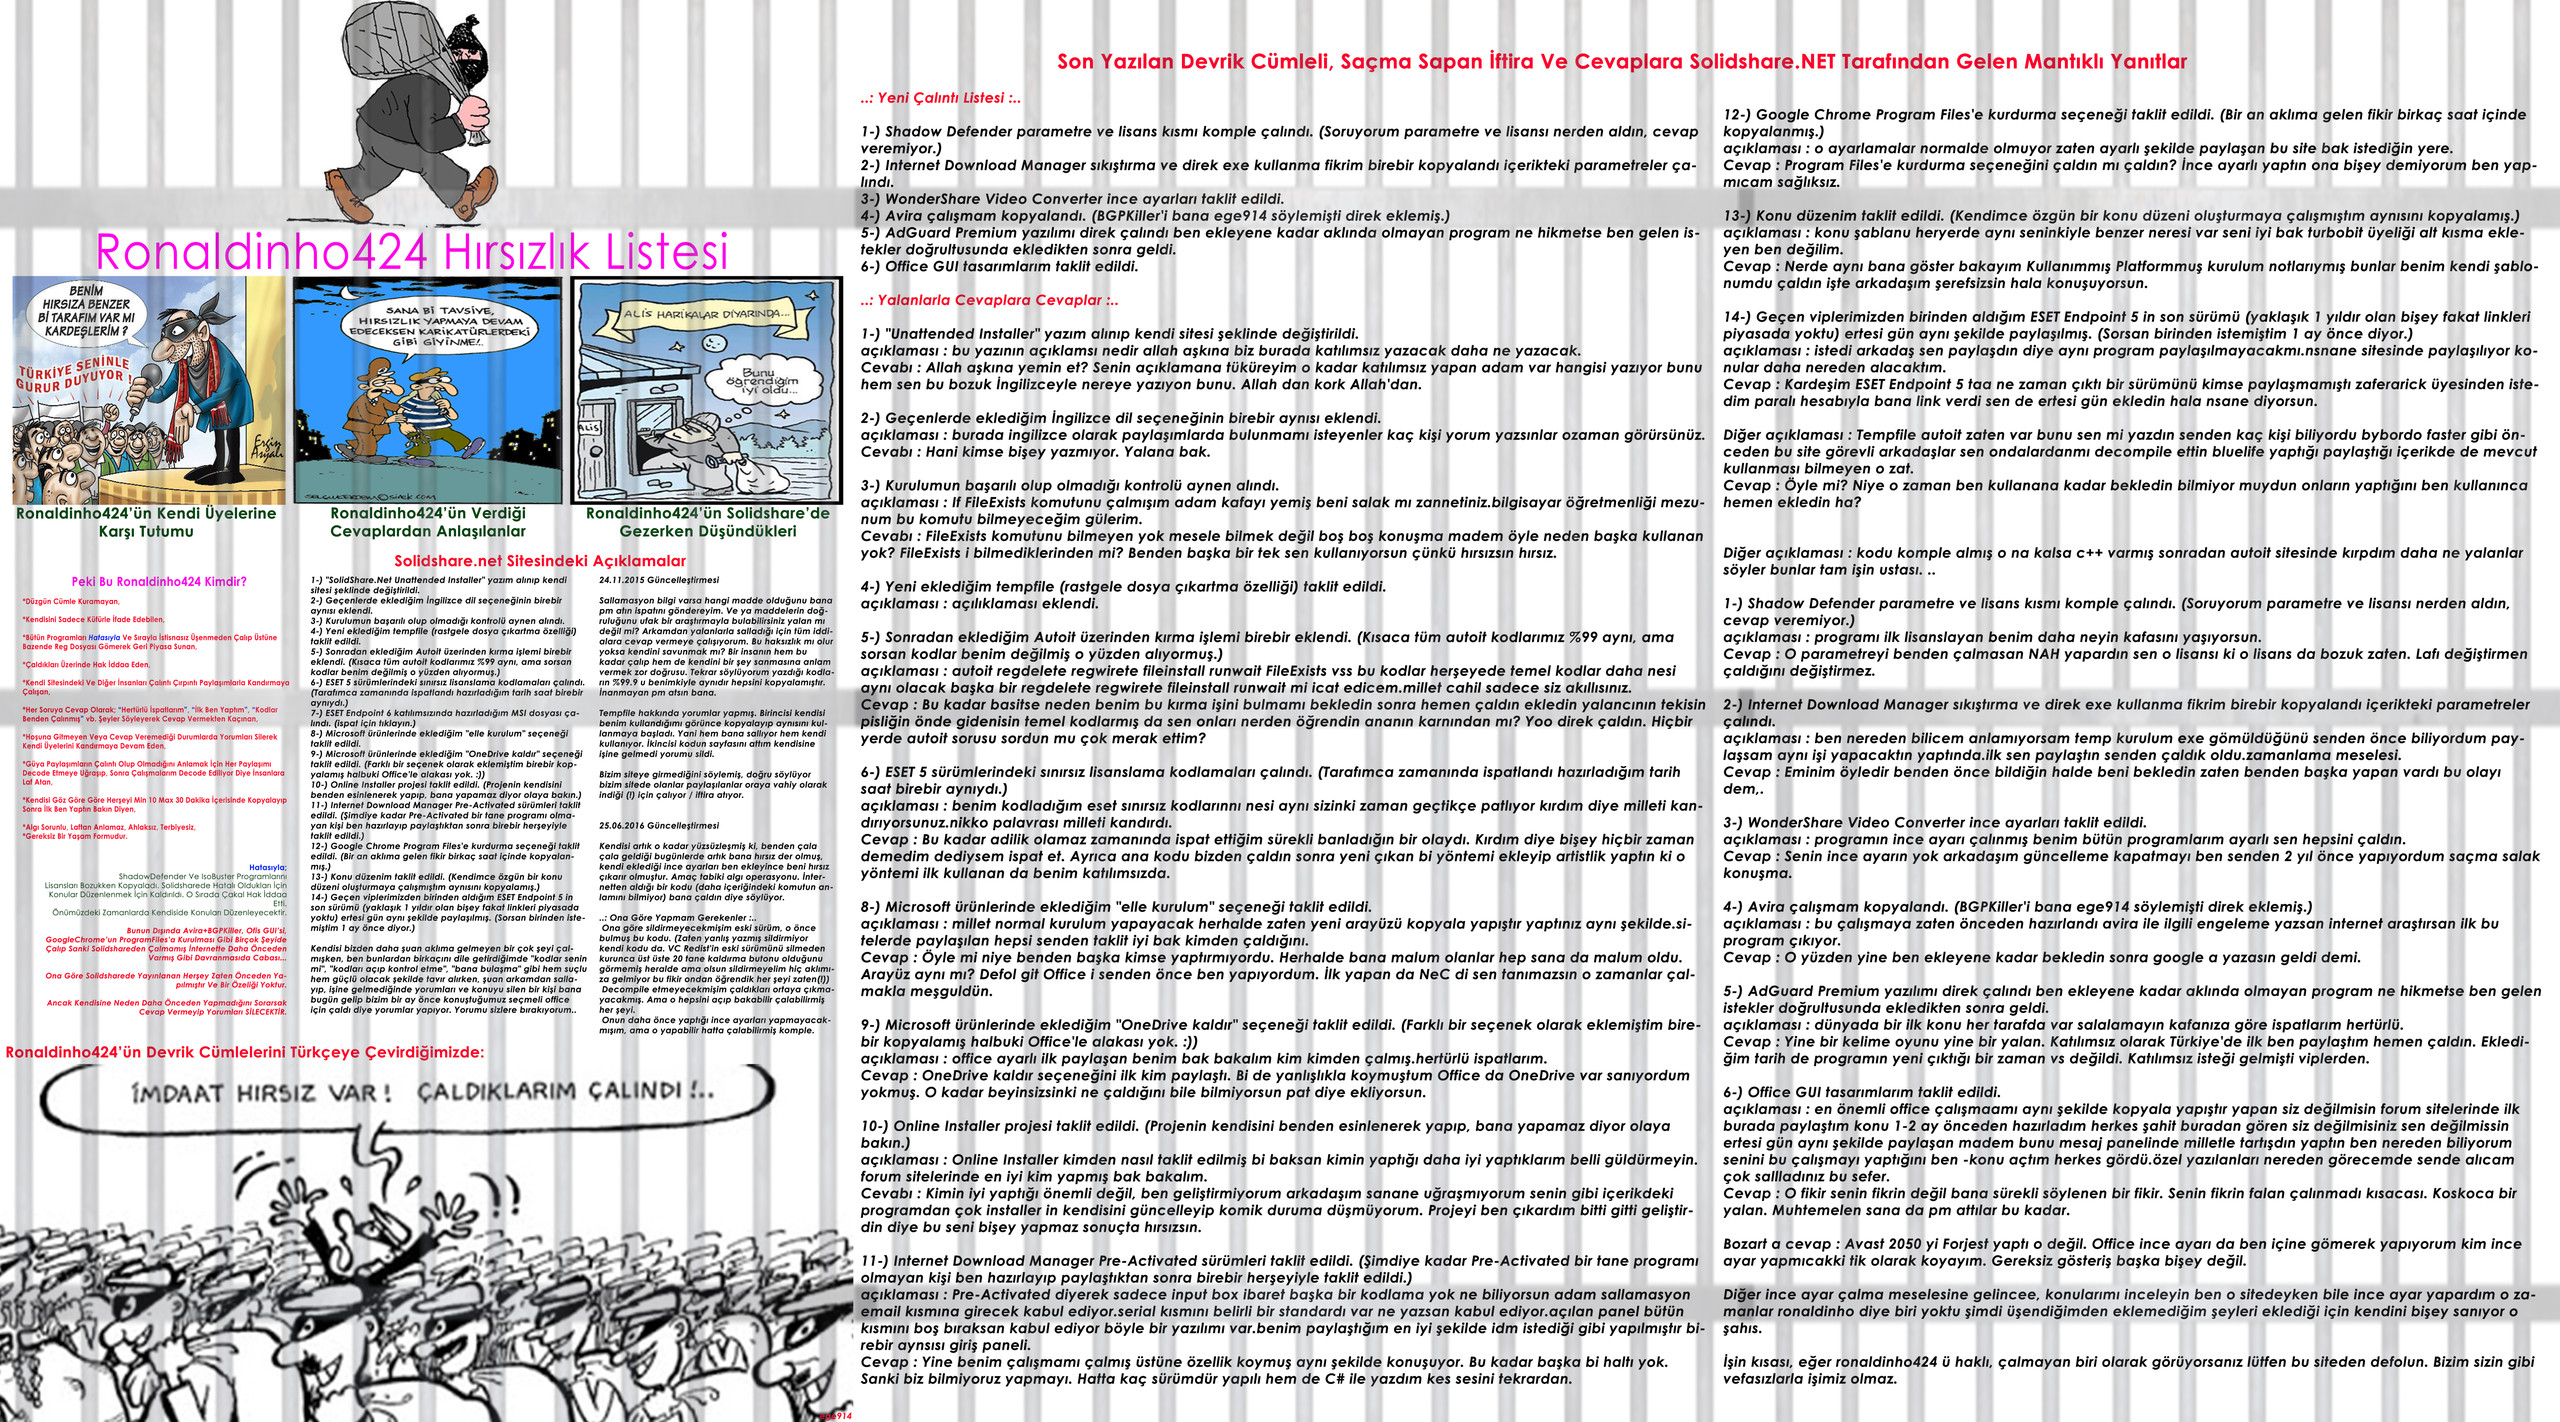 ronaldinho424 Hırsızlık Listesi